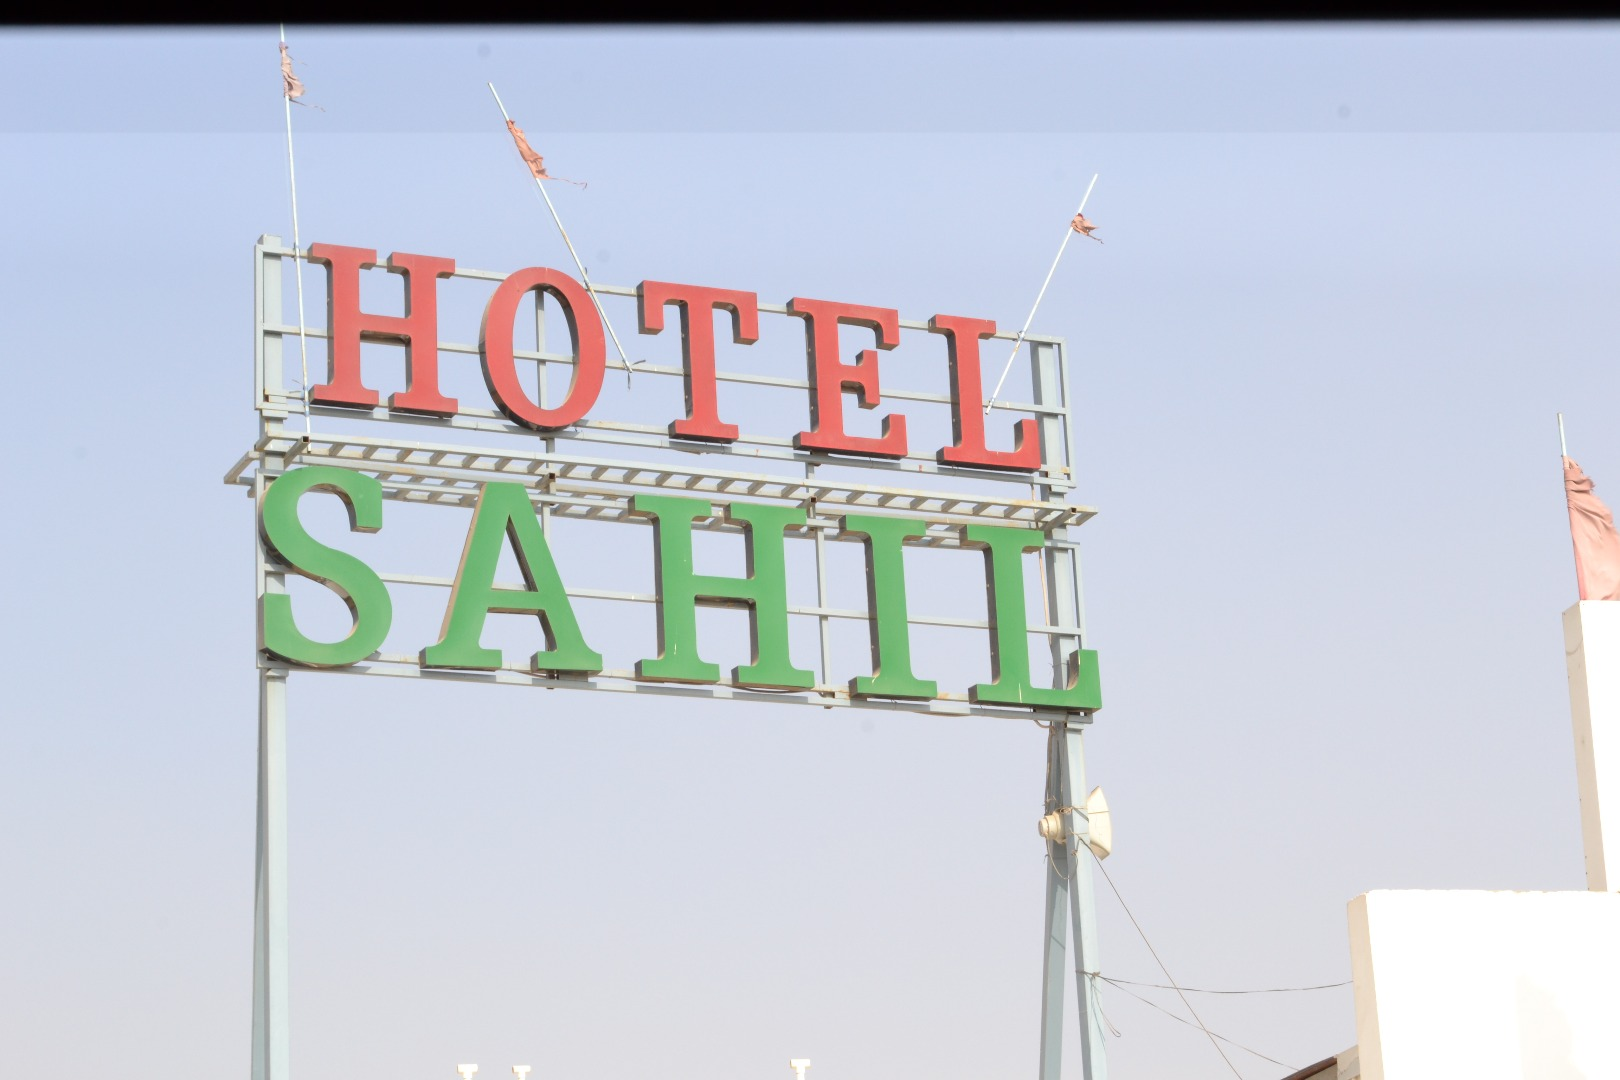 Hotel Sahil Guest Houses & Restaurant Kharwa - logo